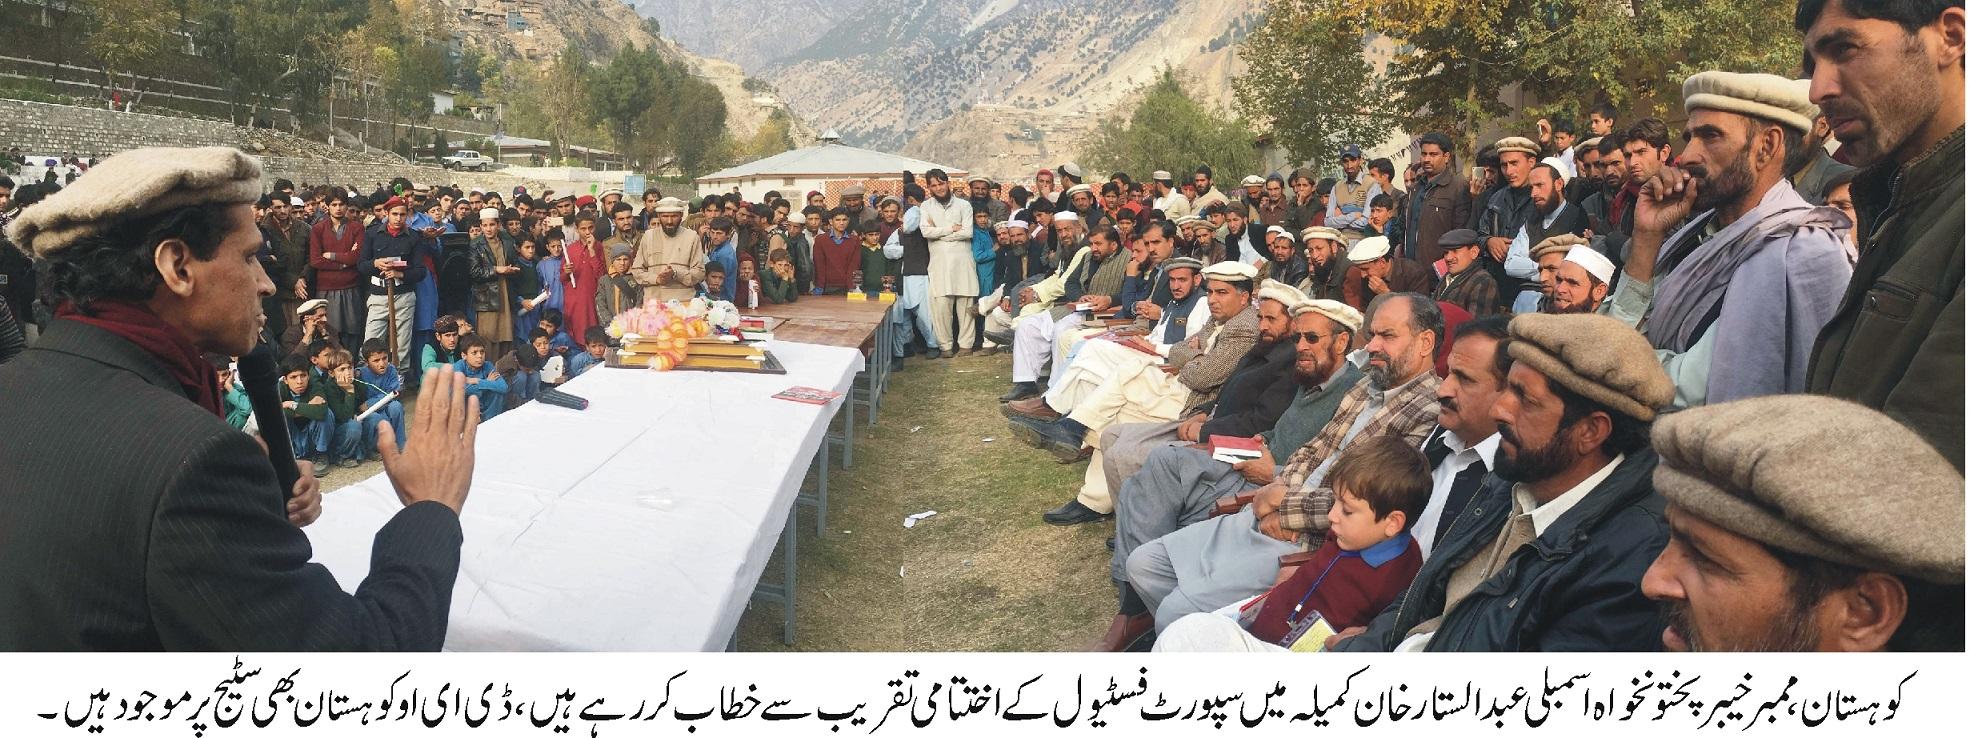 کوہستان، ڈسٹرکٹ سپورٹ فیسٹول اپنے اختتام کو پہنچ گیا